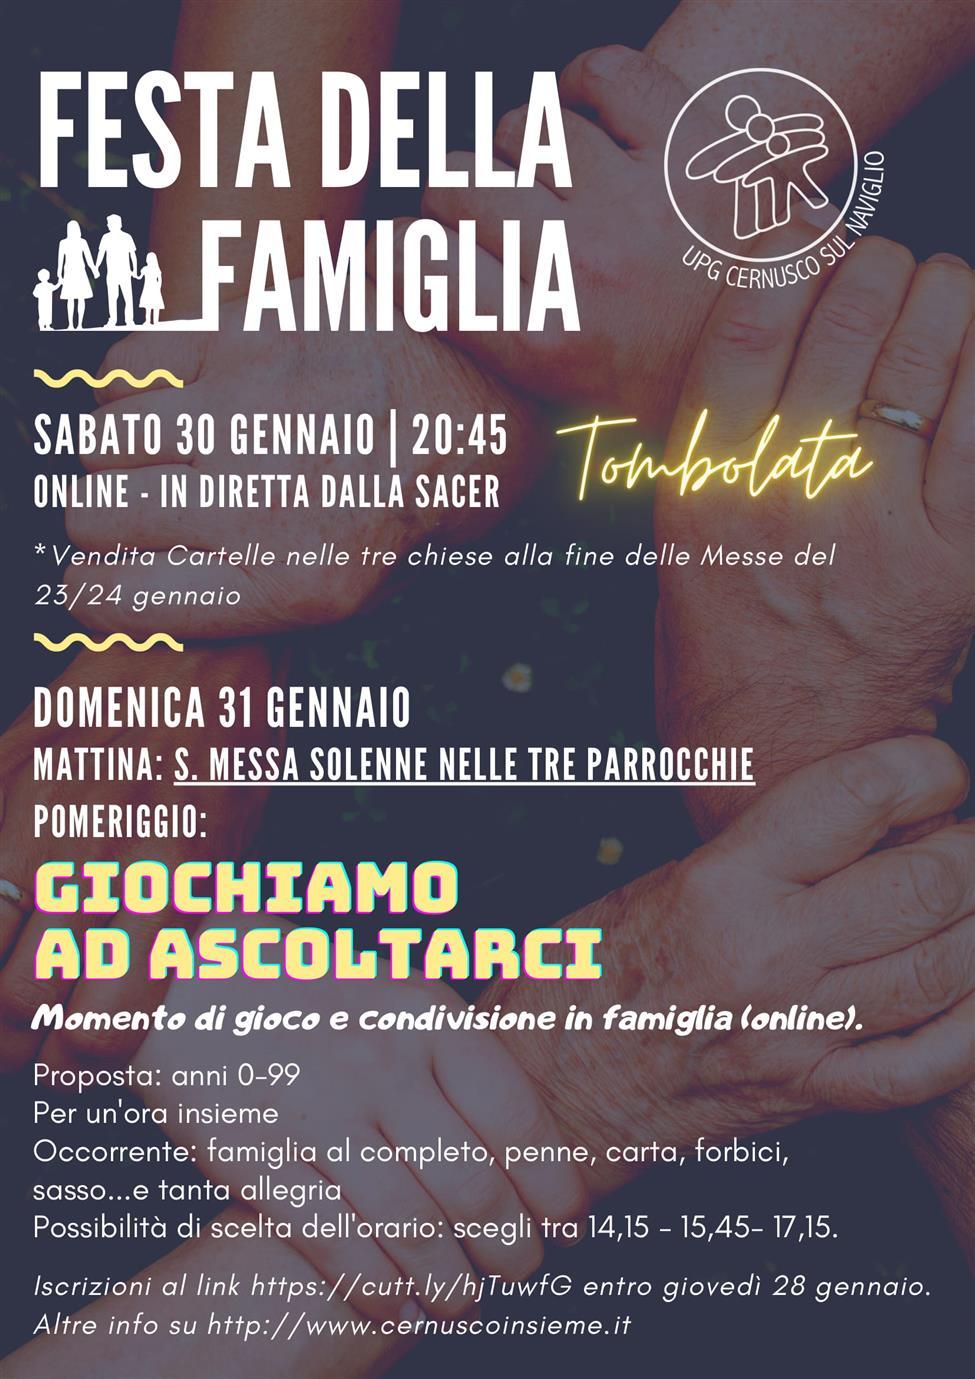 FESTA DELLA FAMIGLIA 2020. INSIEME